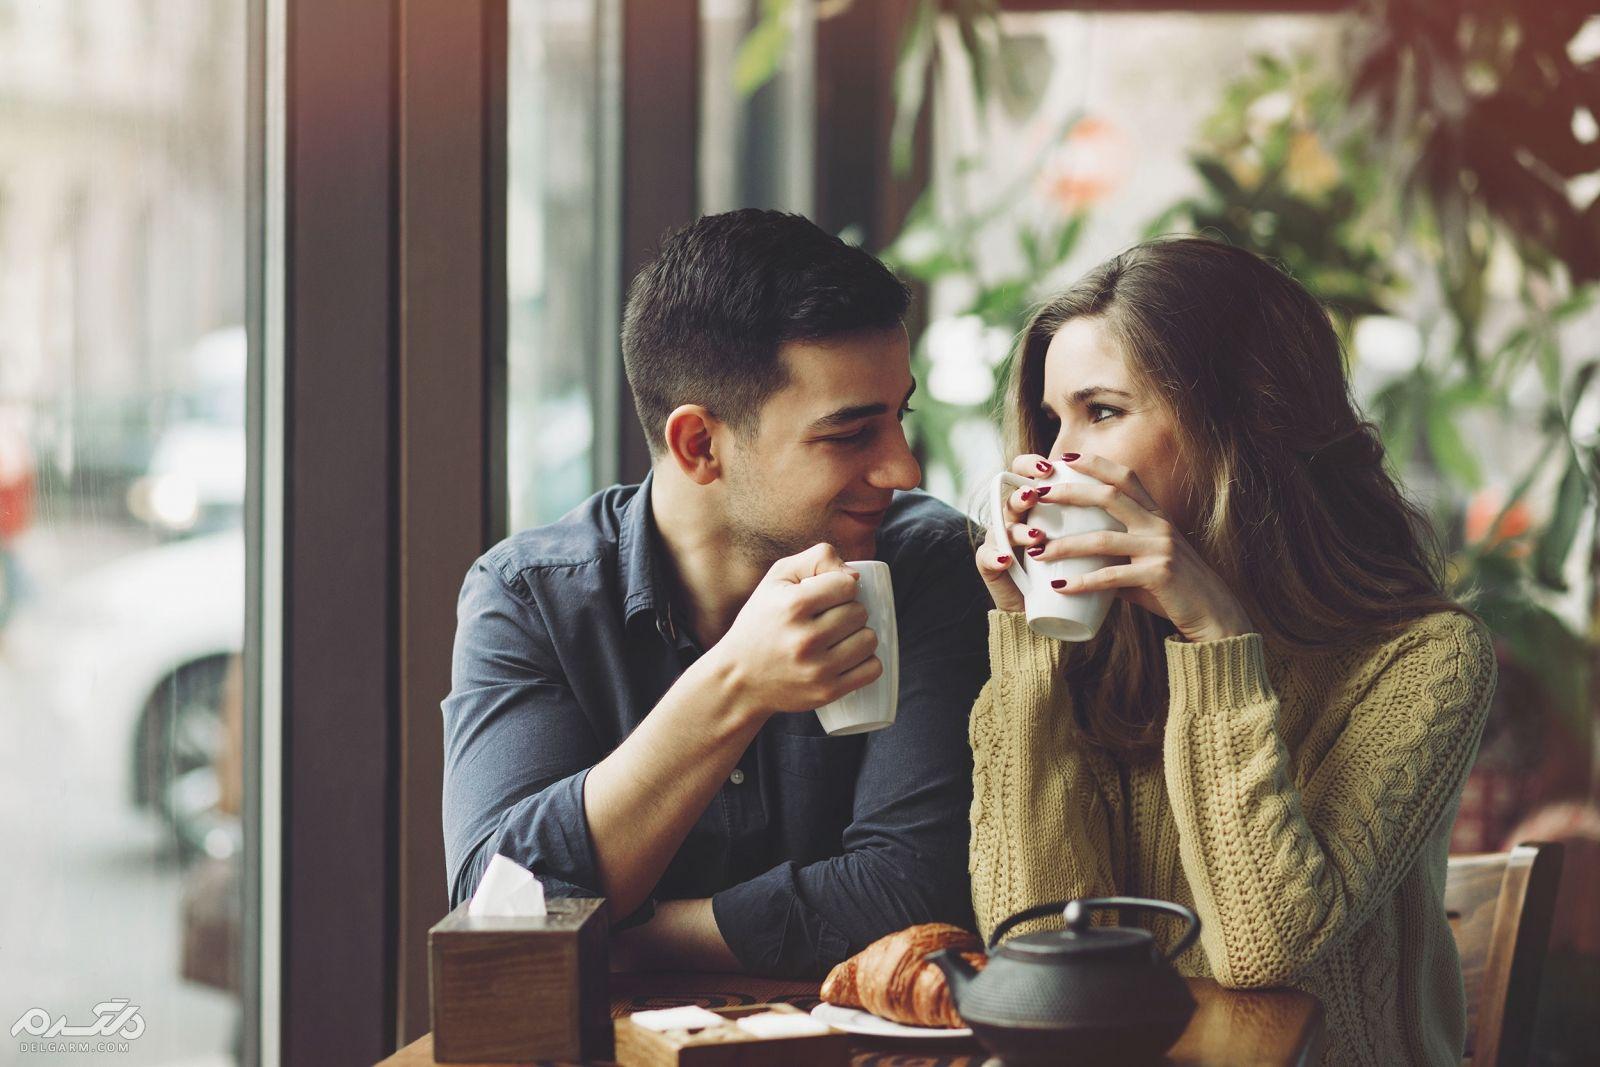 بهترین زمان برای ابراز عشق و علاقه